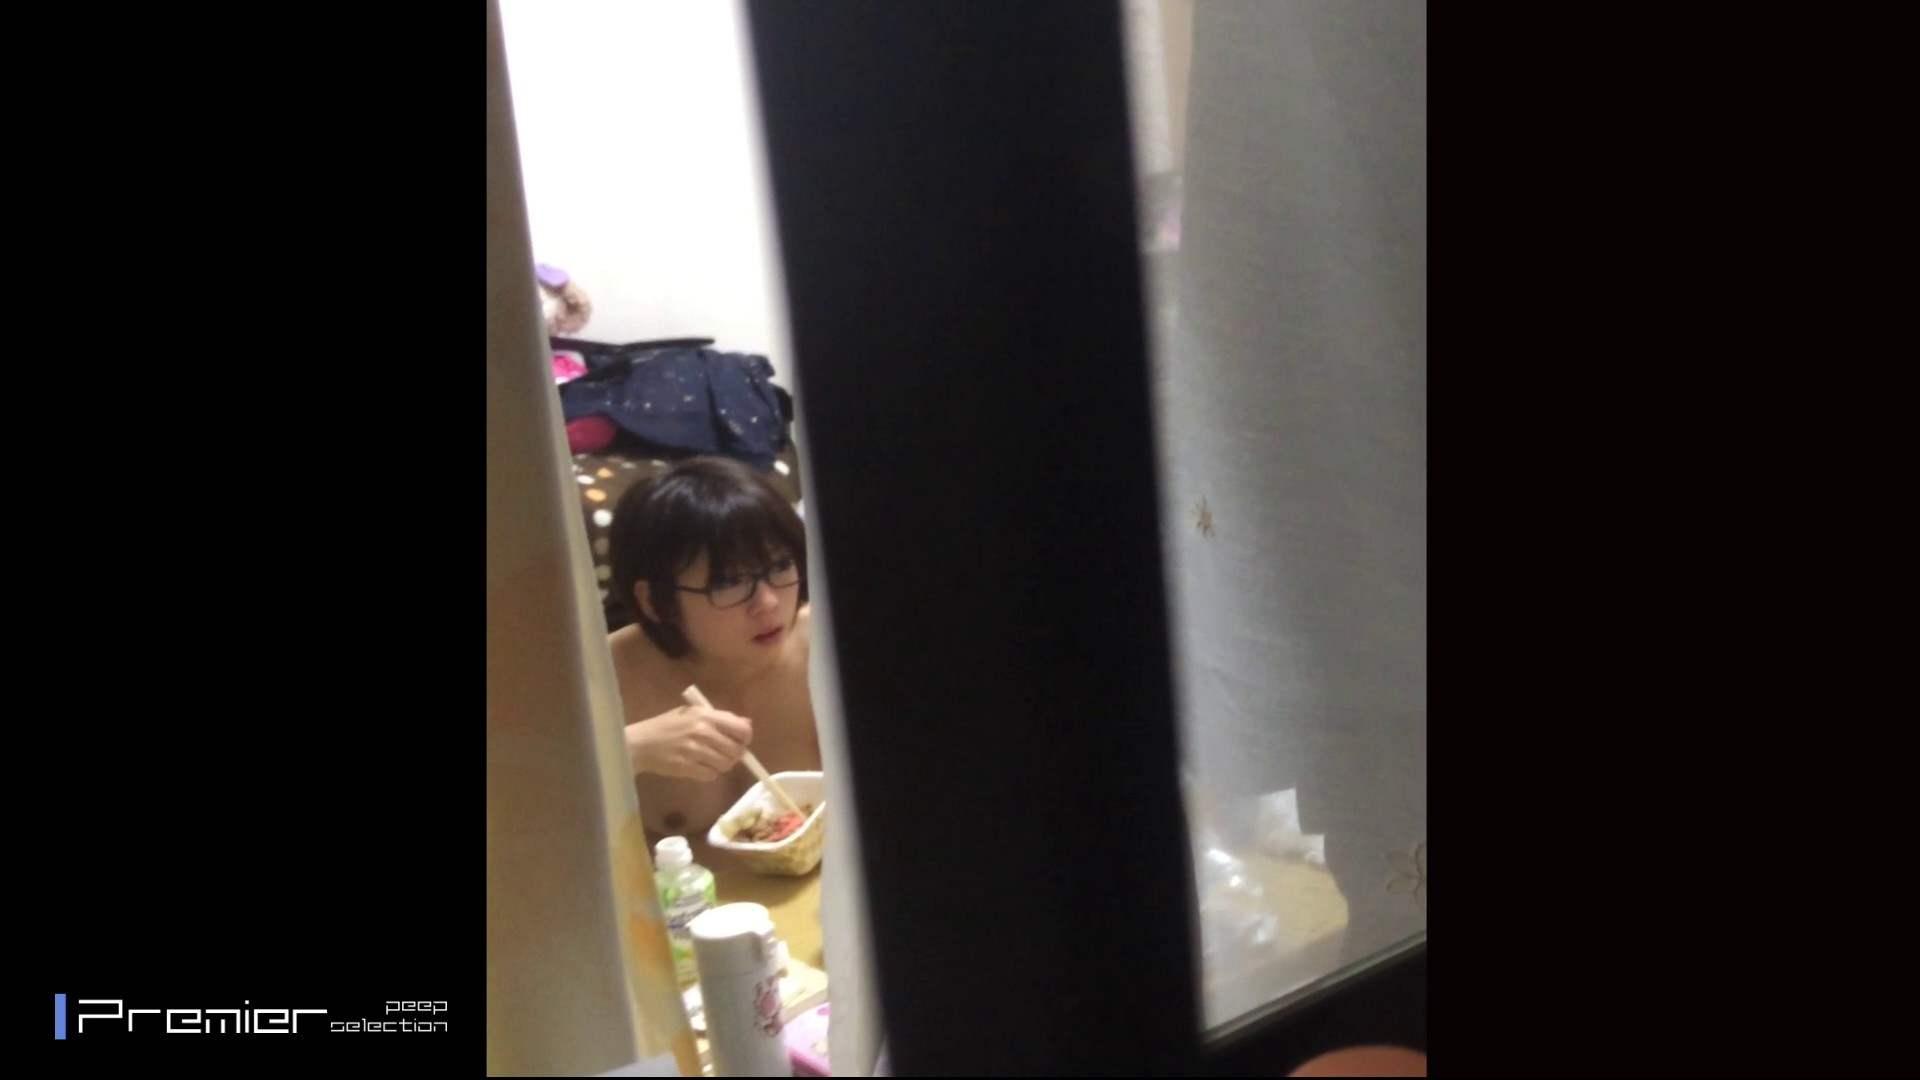 眼鏡美女の食事を隠し撮り 乙女の風呂場 Vol.05 盗撮編 えろ無修正画像 96枚 68